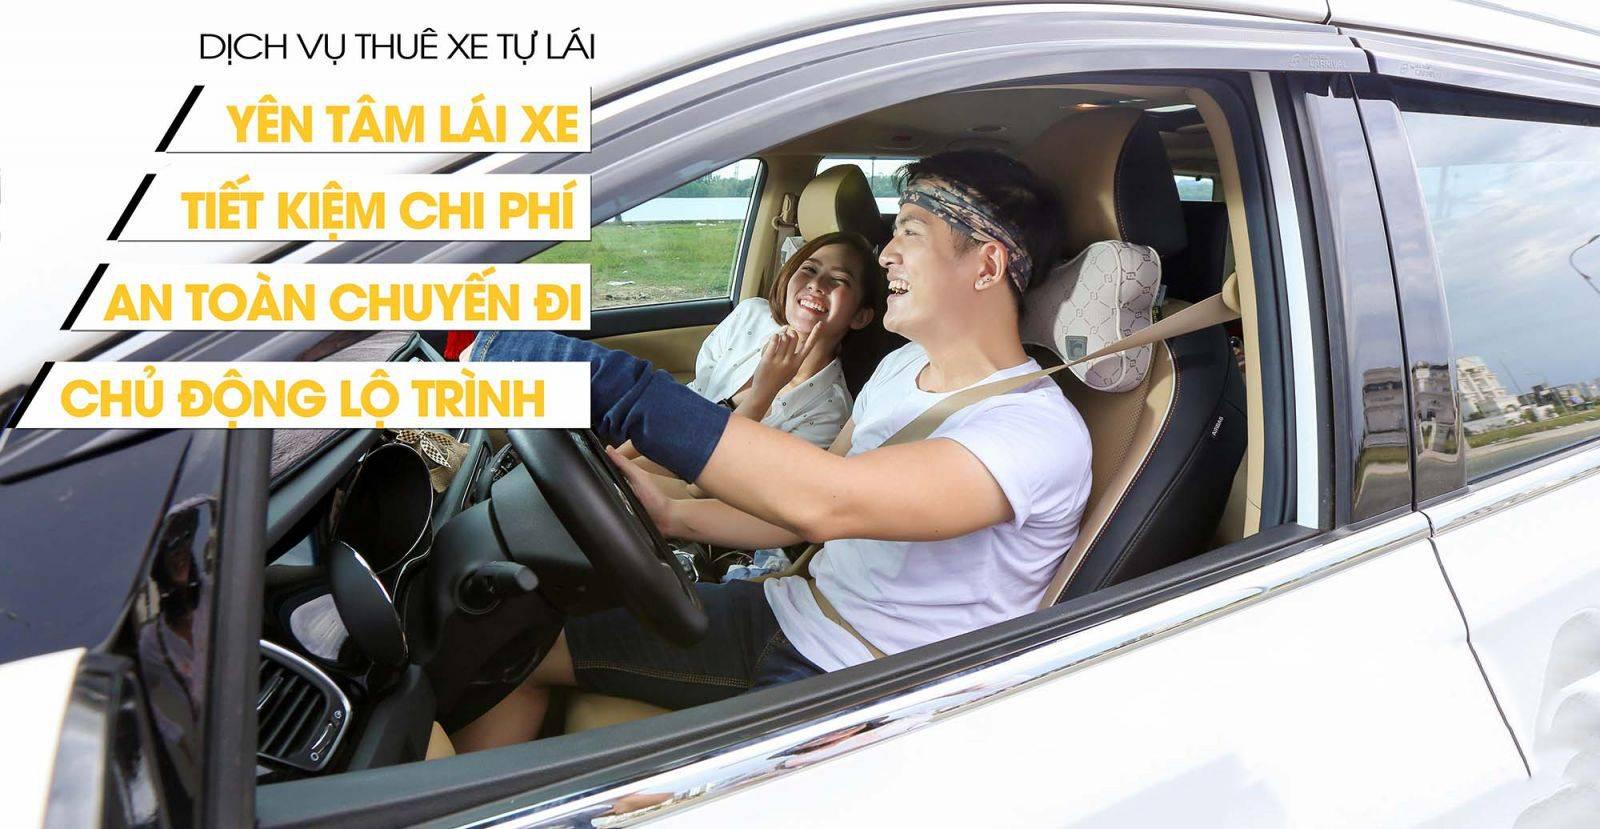 3 lưu ý quan trọng trước khi thuê xe tự lái cho người mới